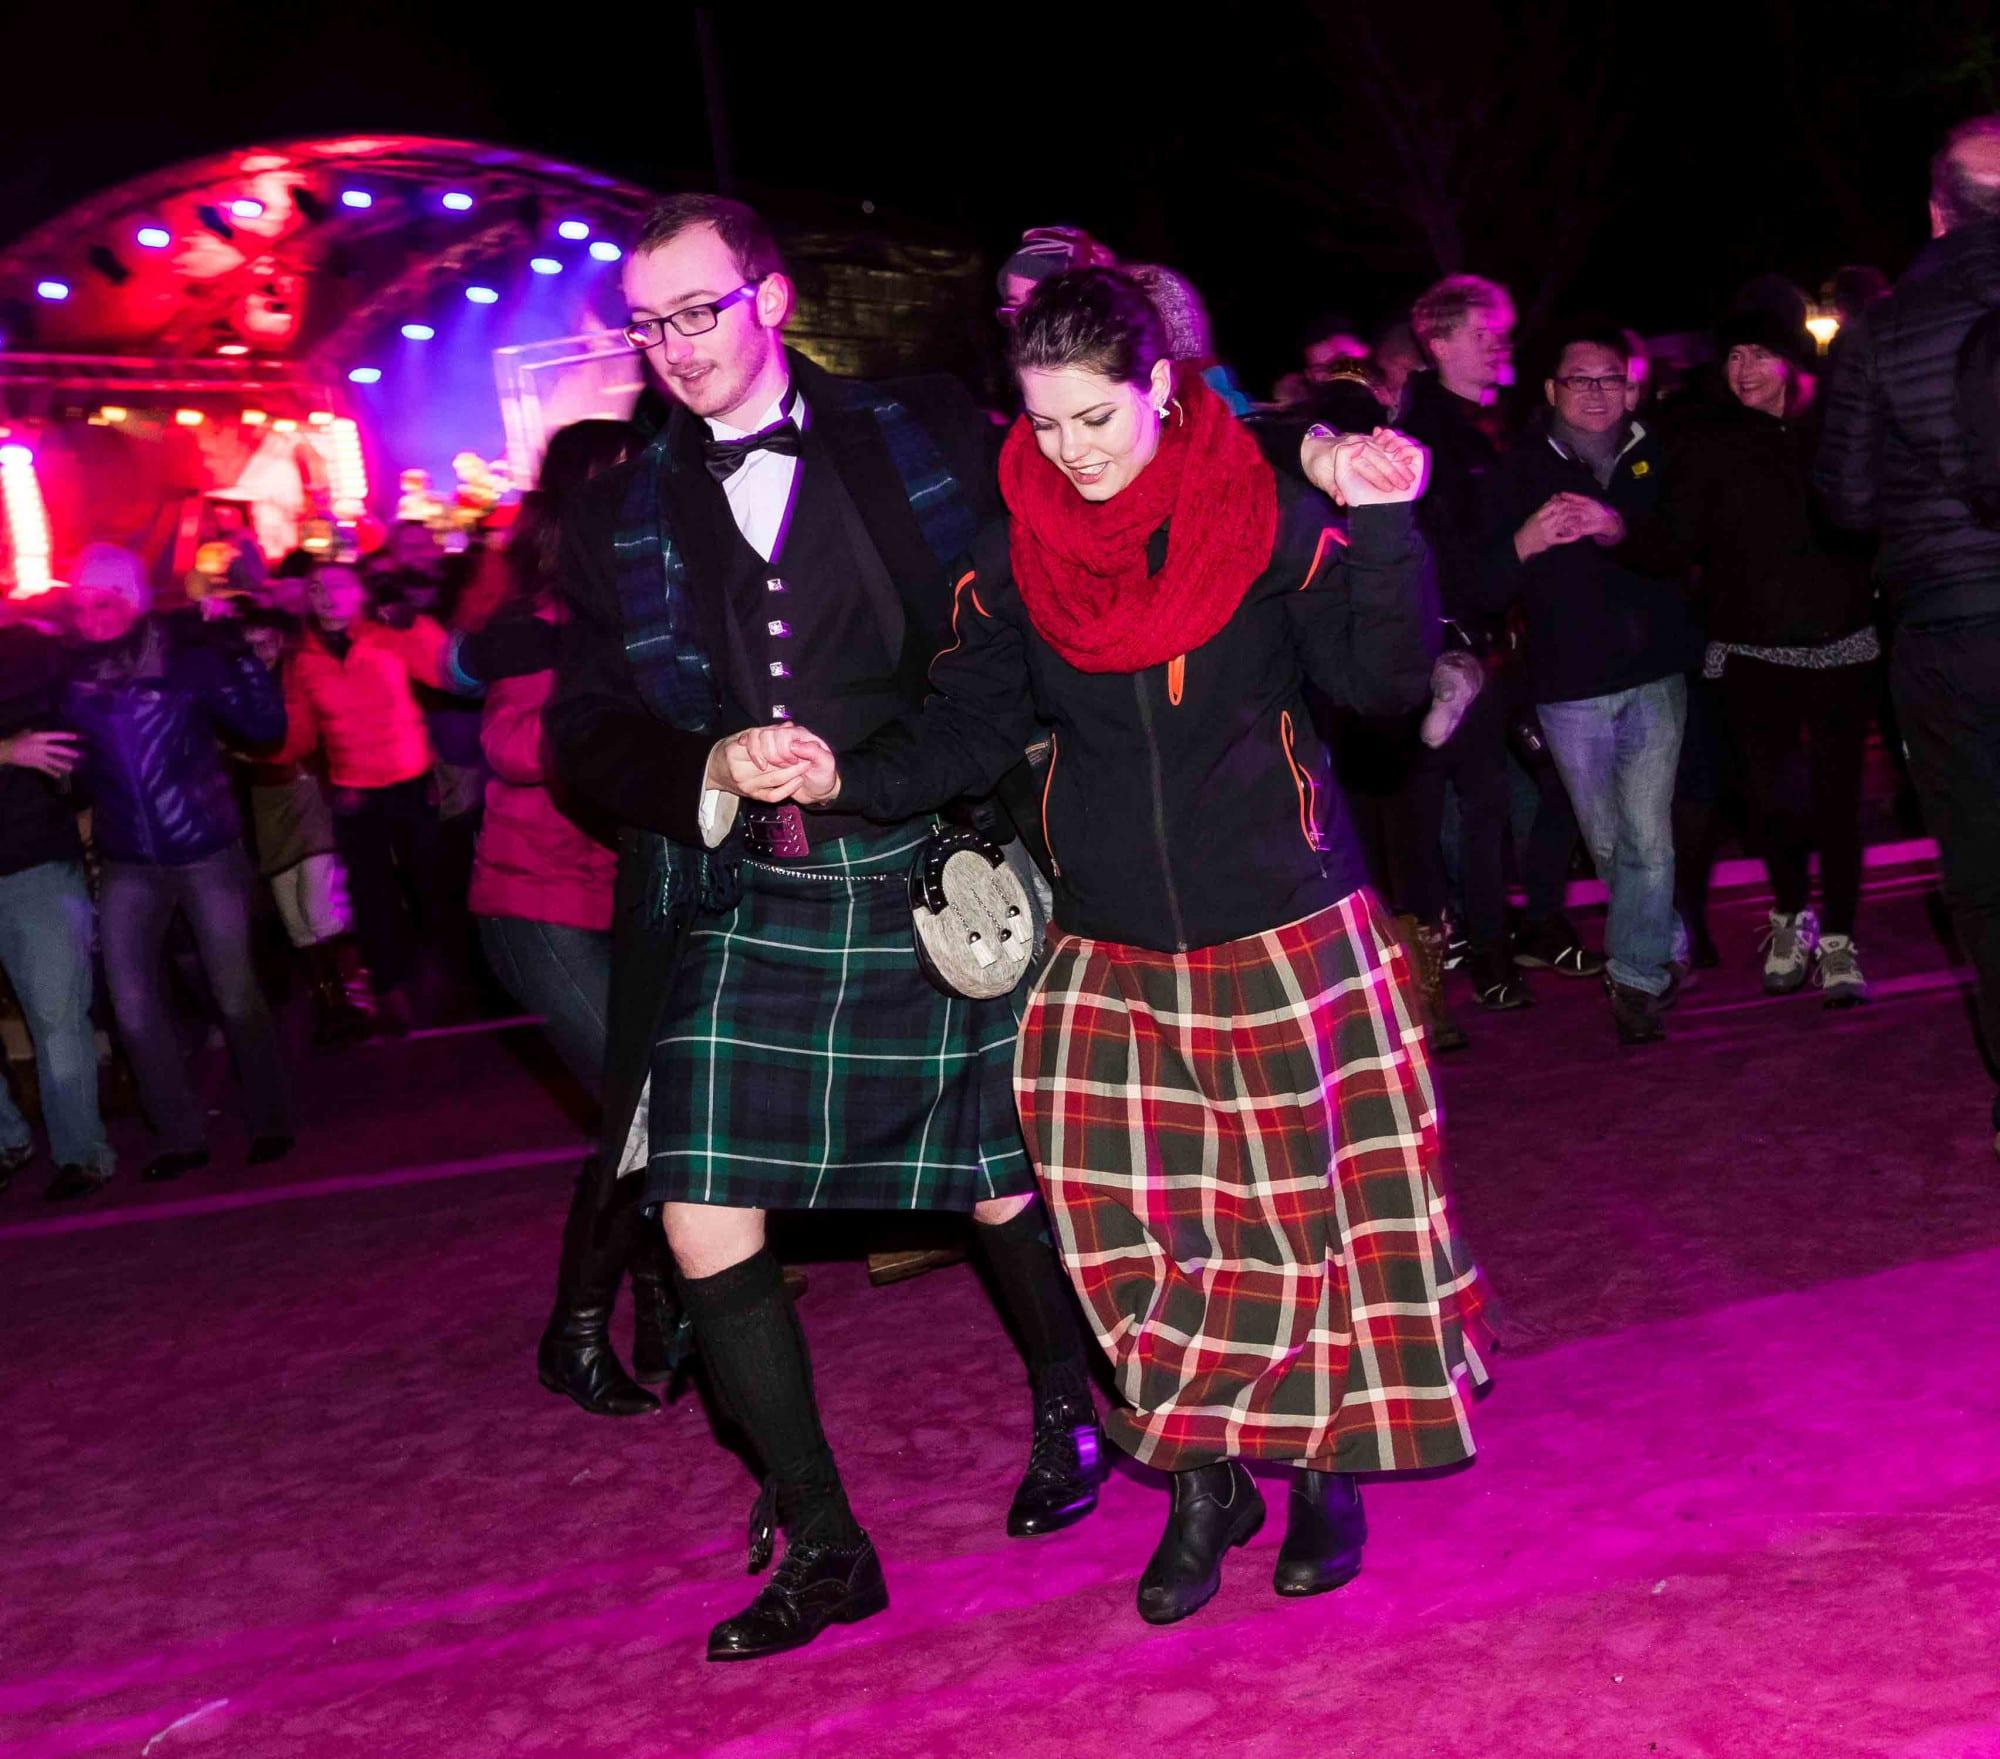 城堡煙火舞會 體驗傳統蘇格蘭舞 www.edinburghshogmanay.com